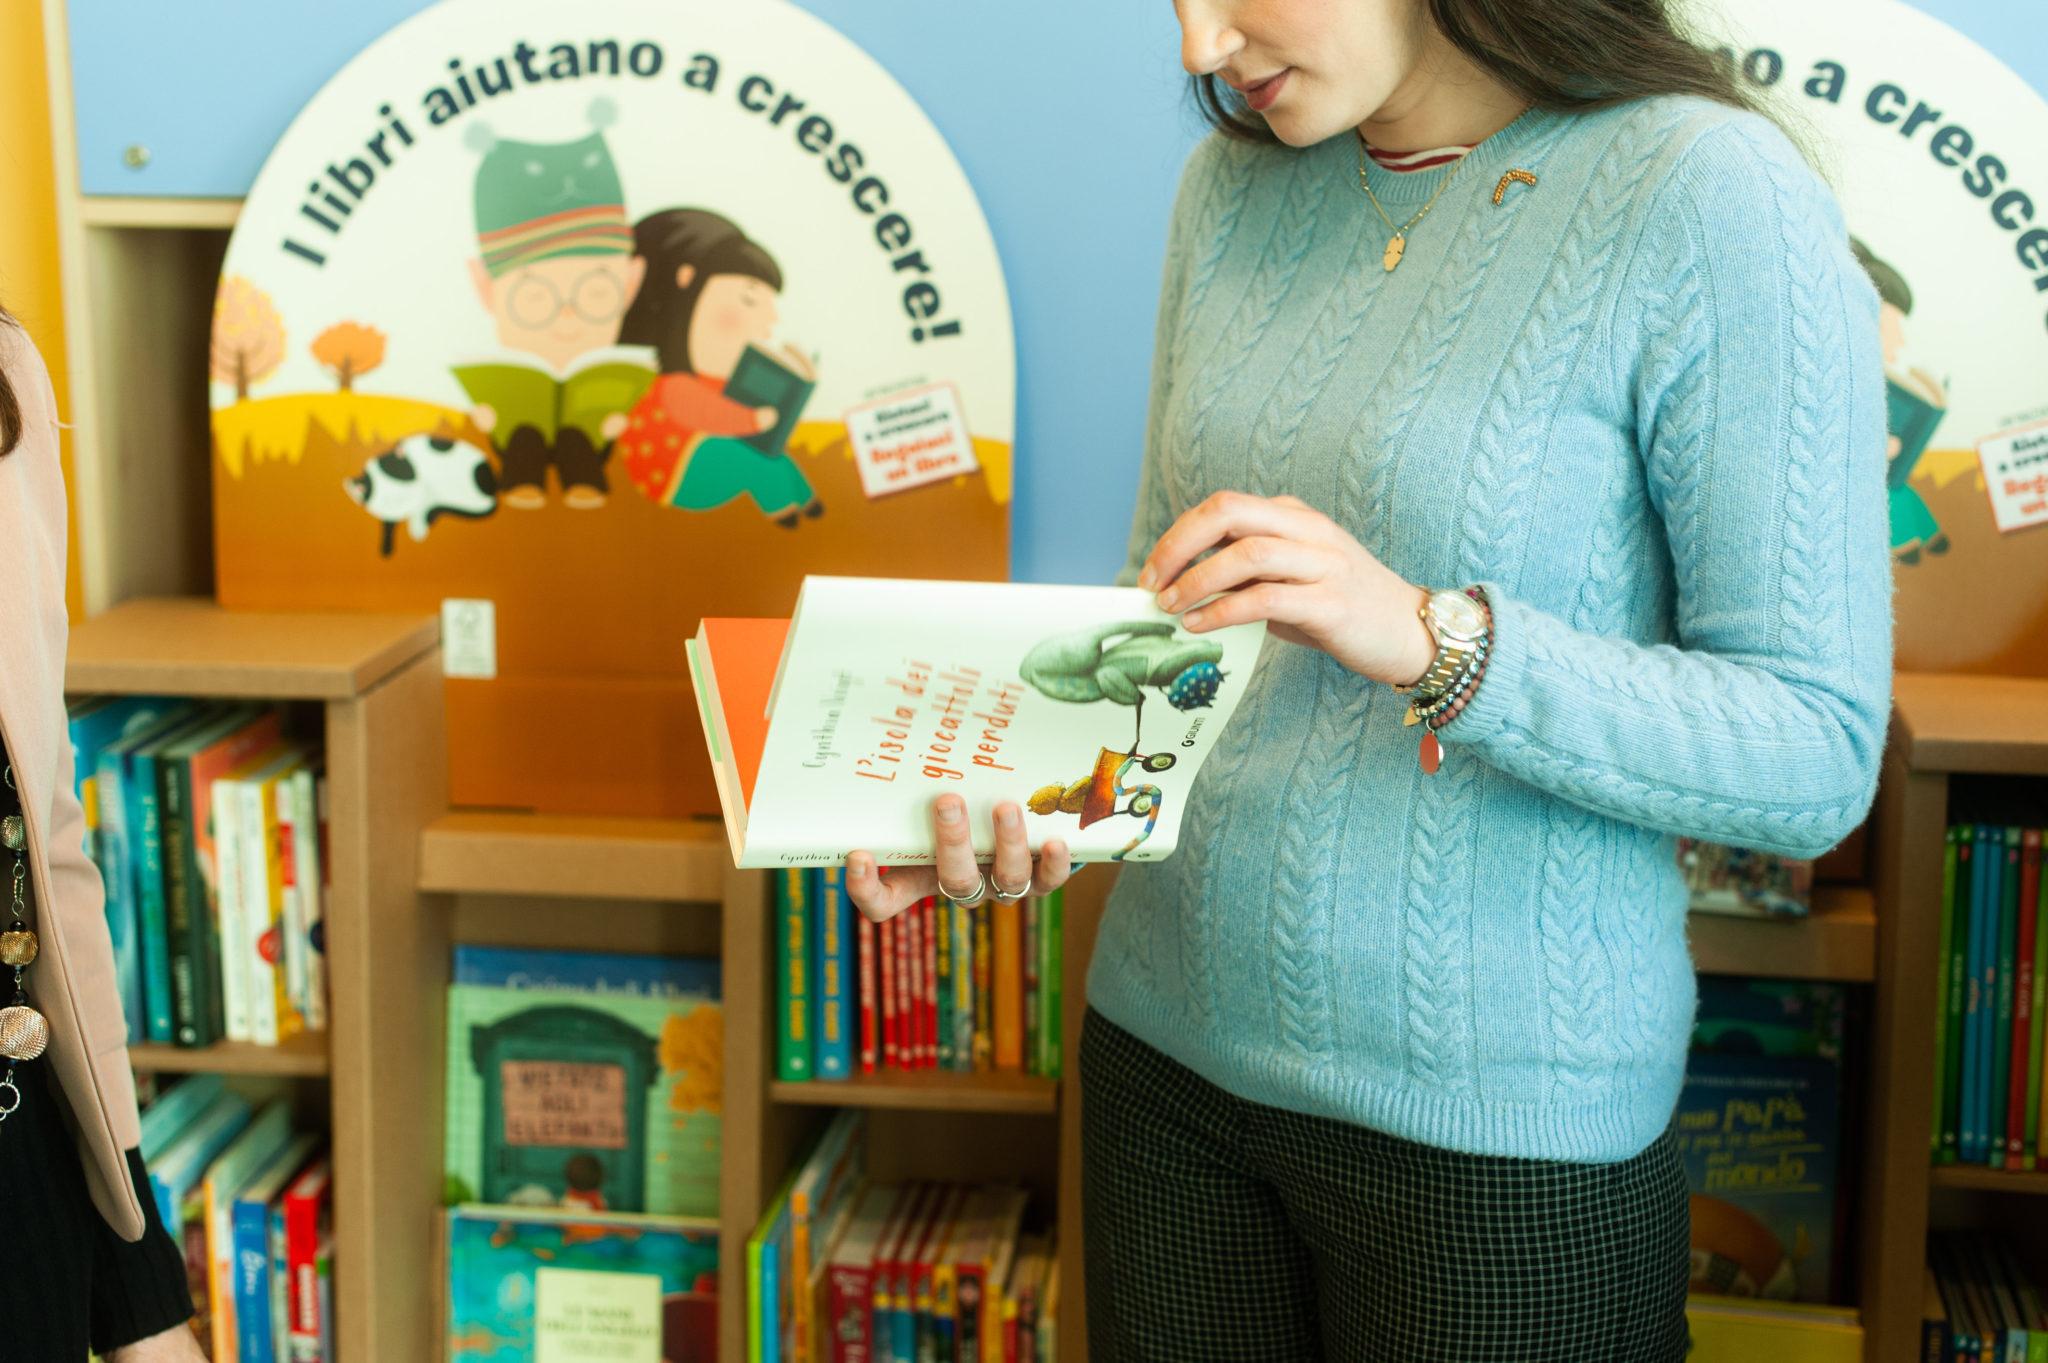 Una ragazza sfoglia uno dei libri donati